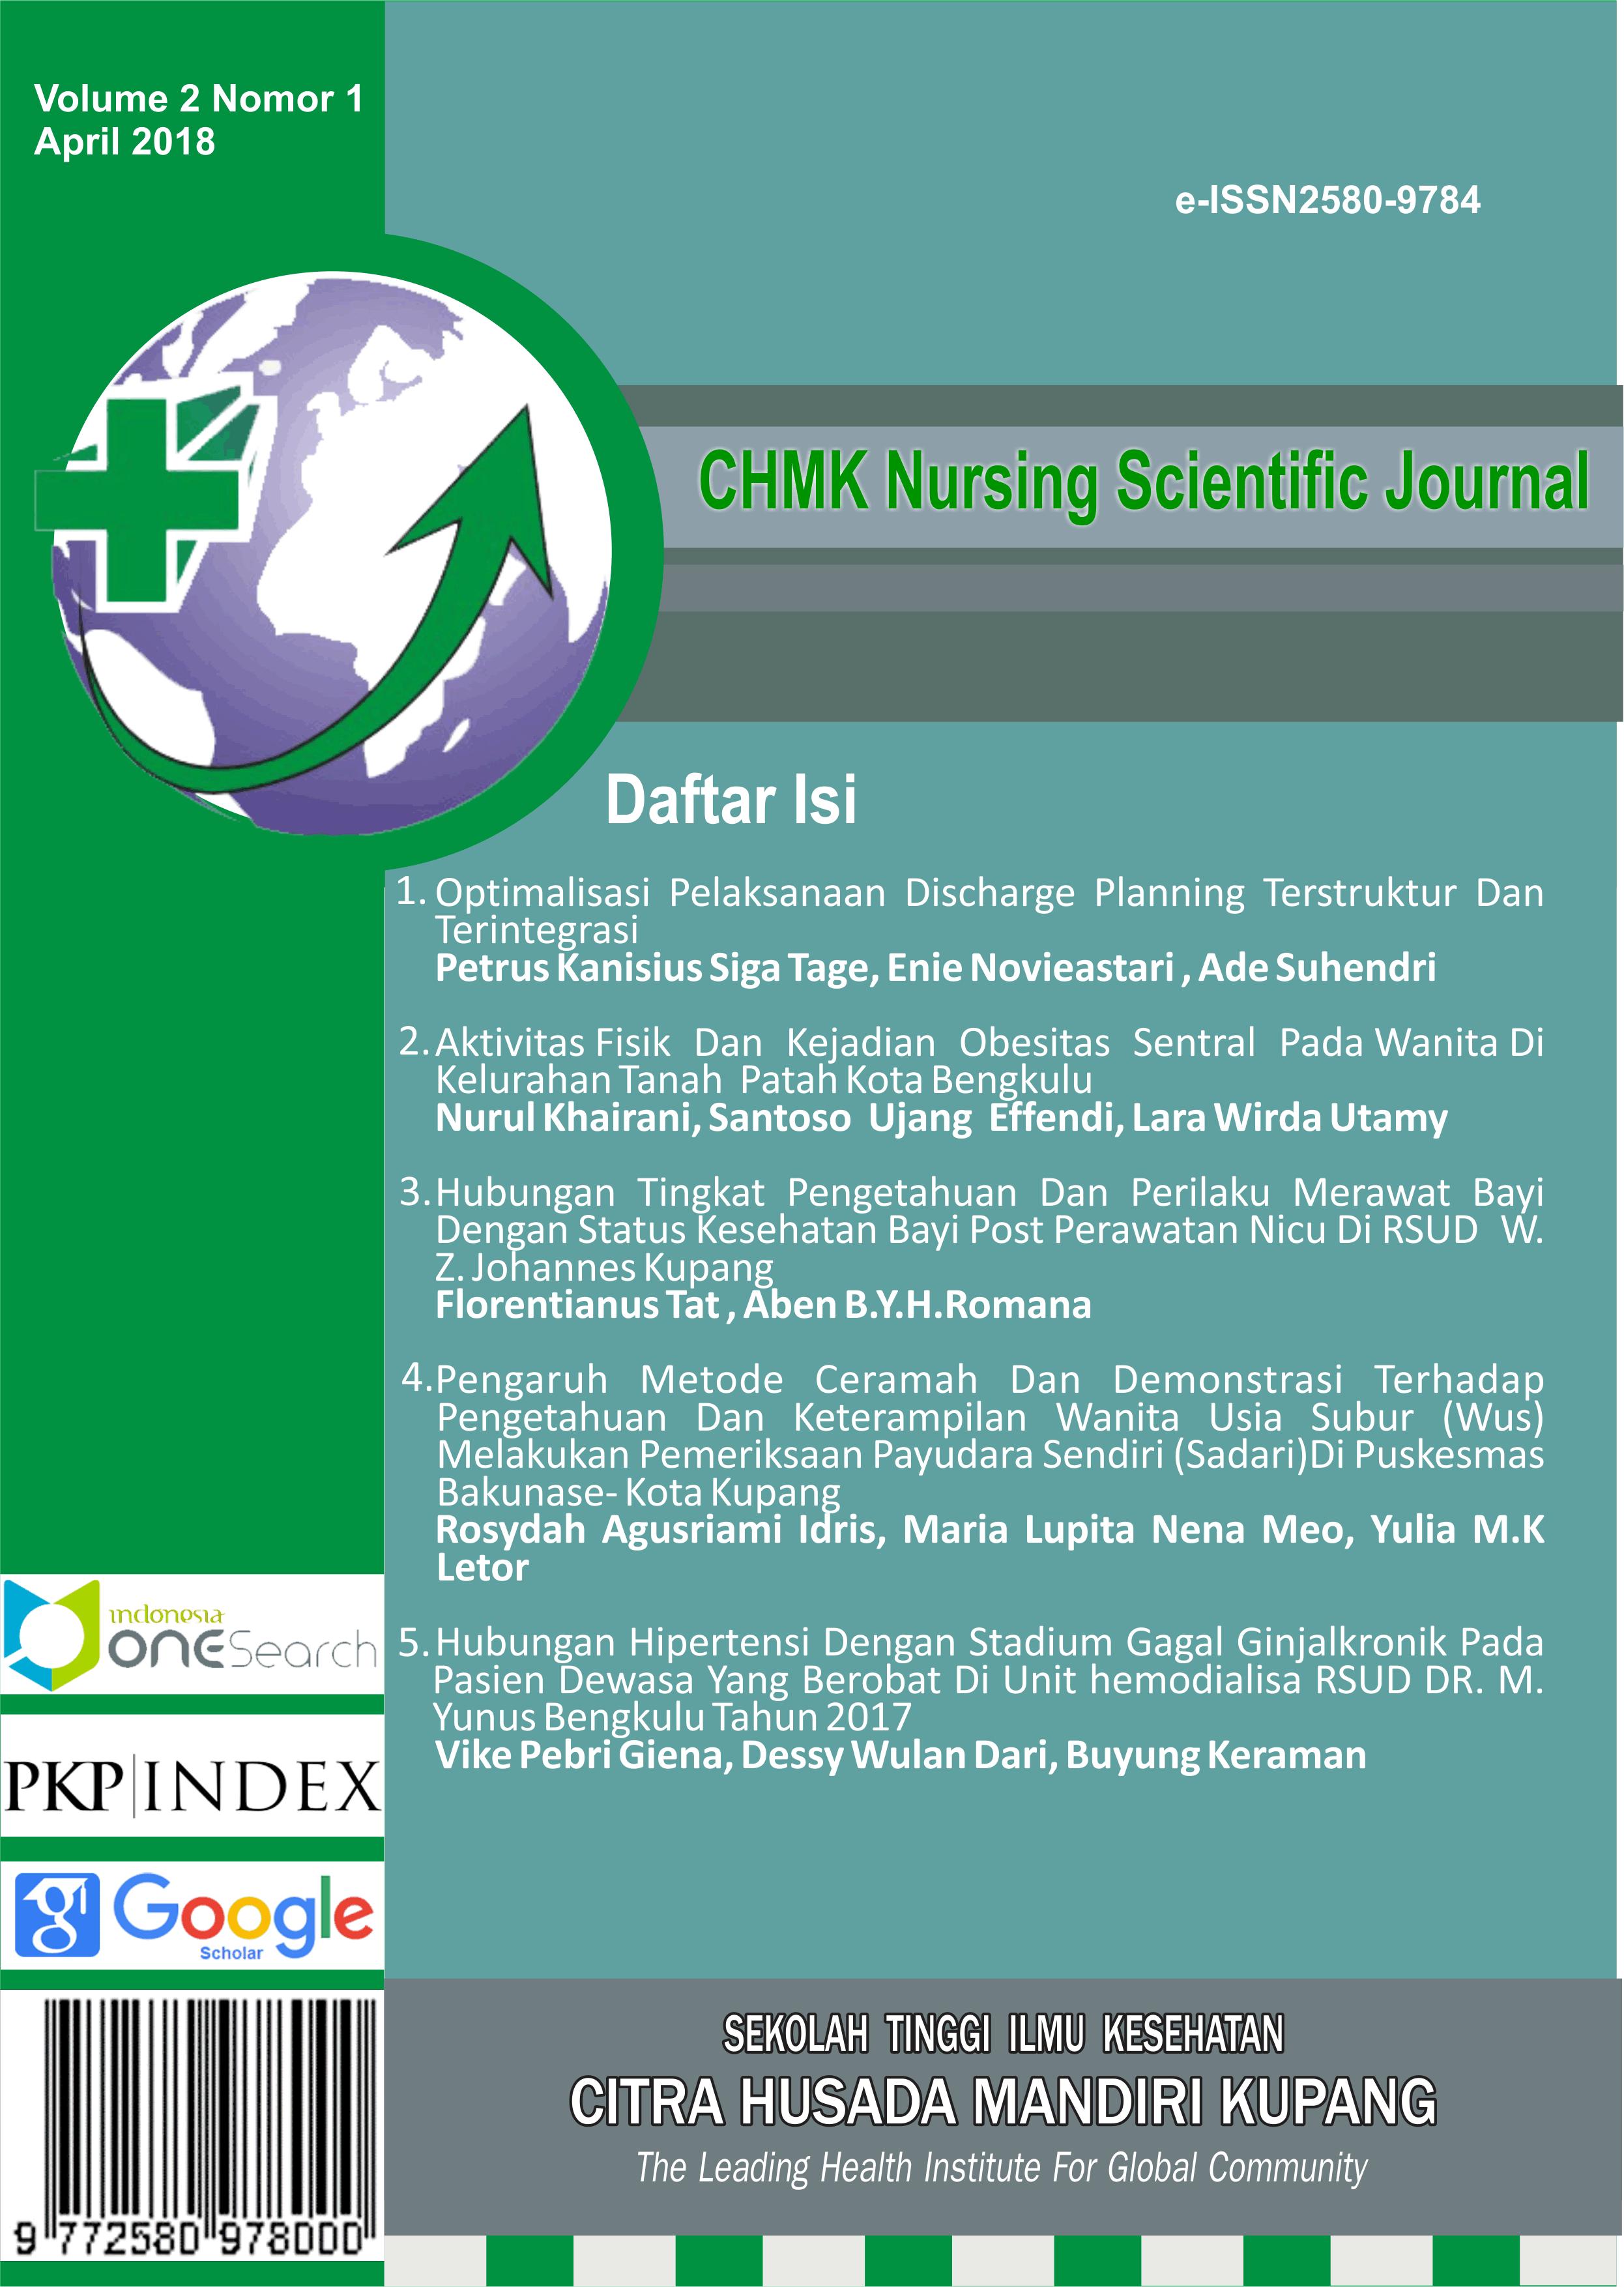 Aktivitas Fisik Dan Kejadian Obesitas Sentral Pada Wanita Di Kelurahan Tanah Patahkota Bengkulu Chmk Nursing Scientific Journal